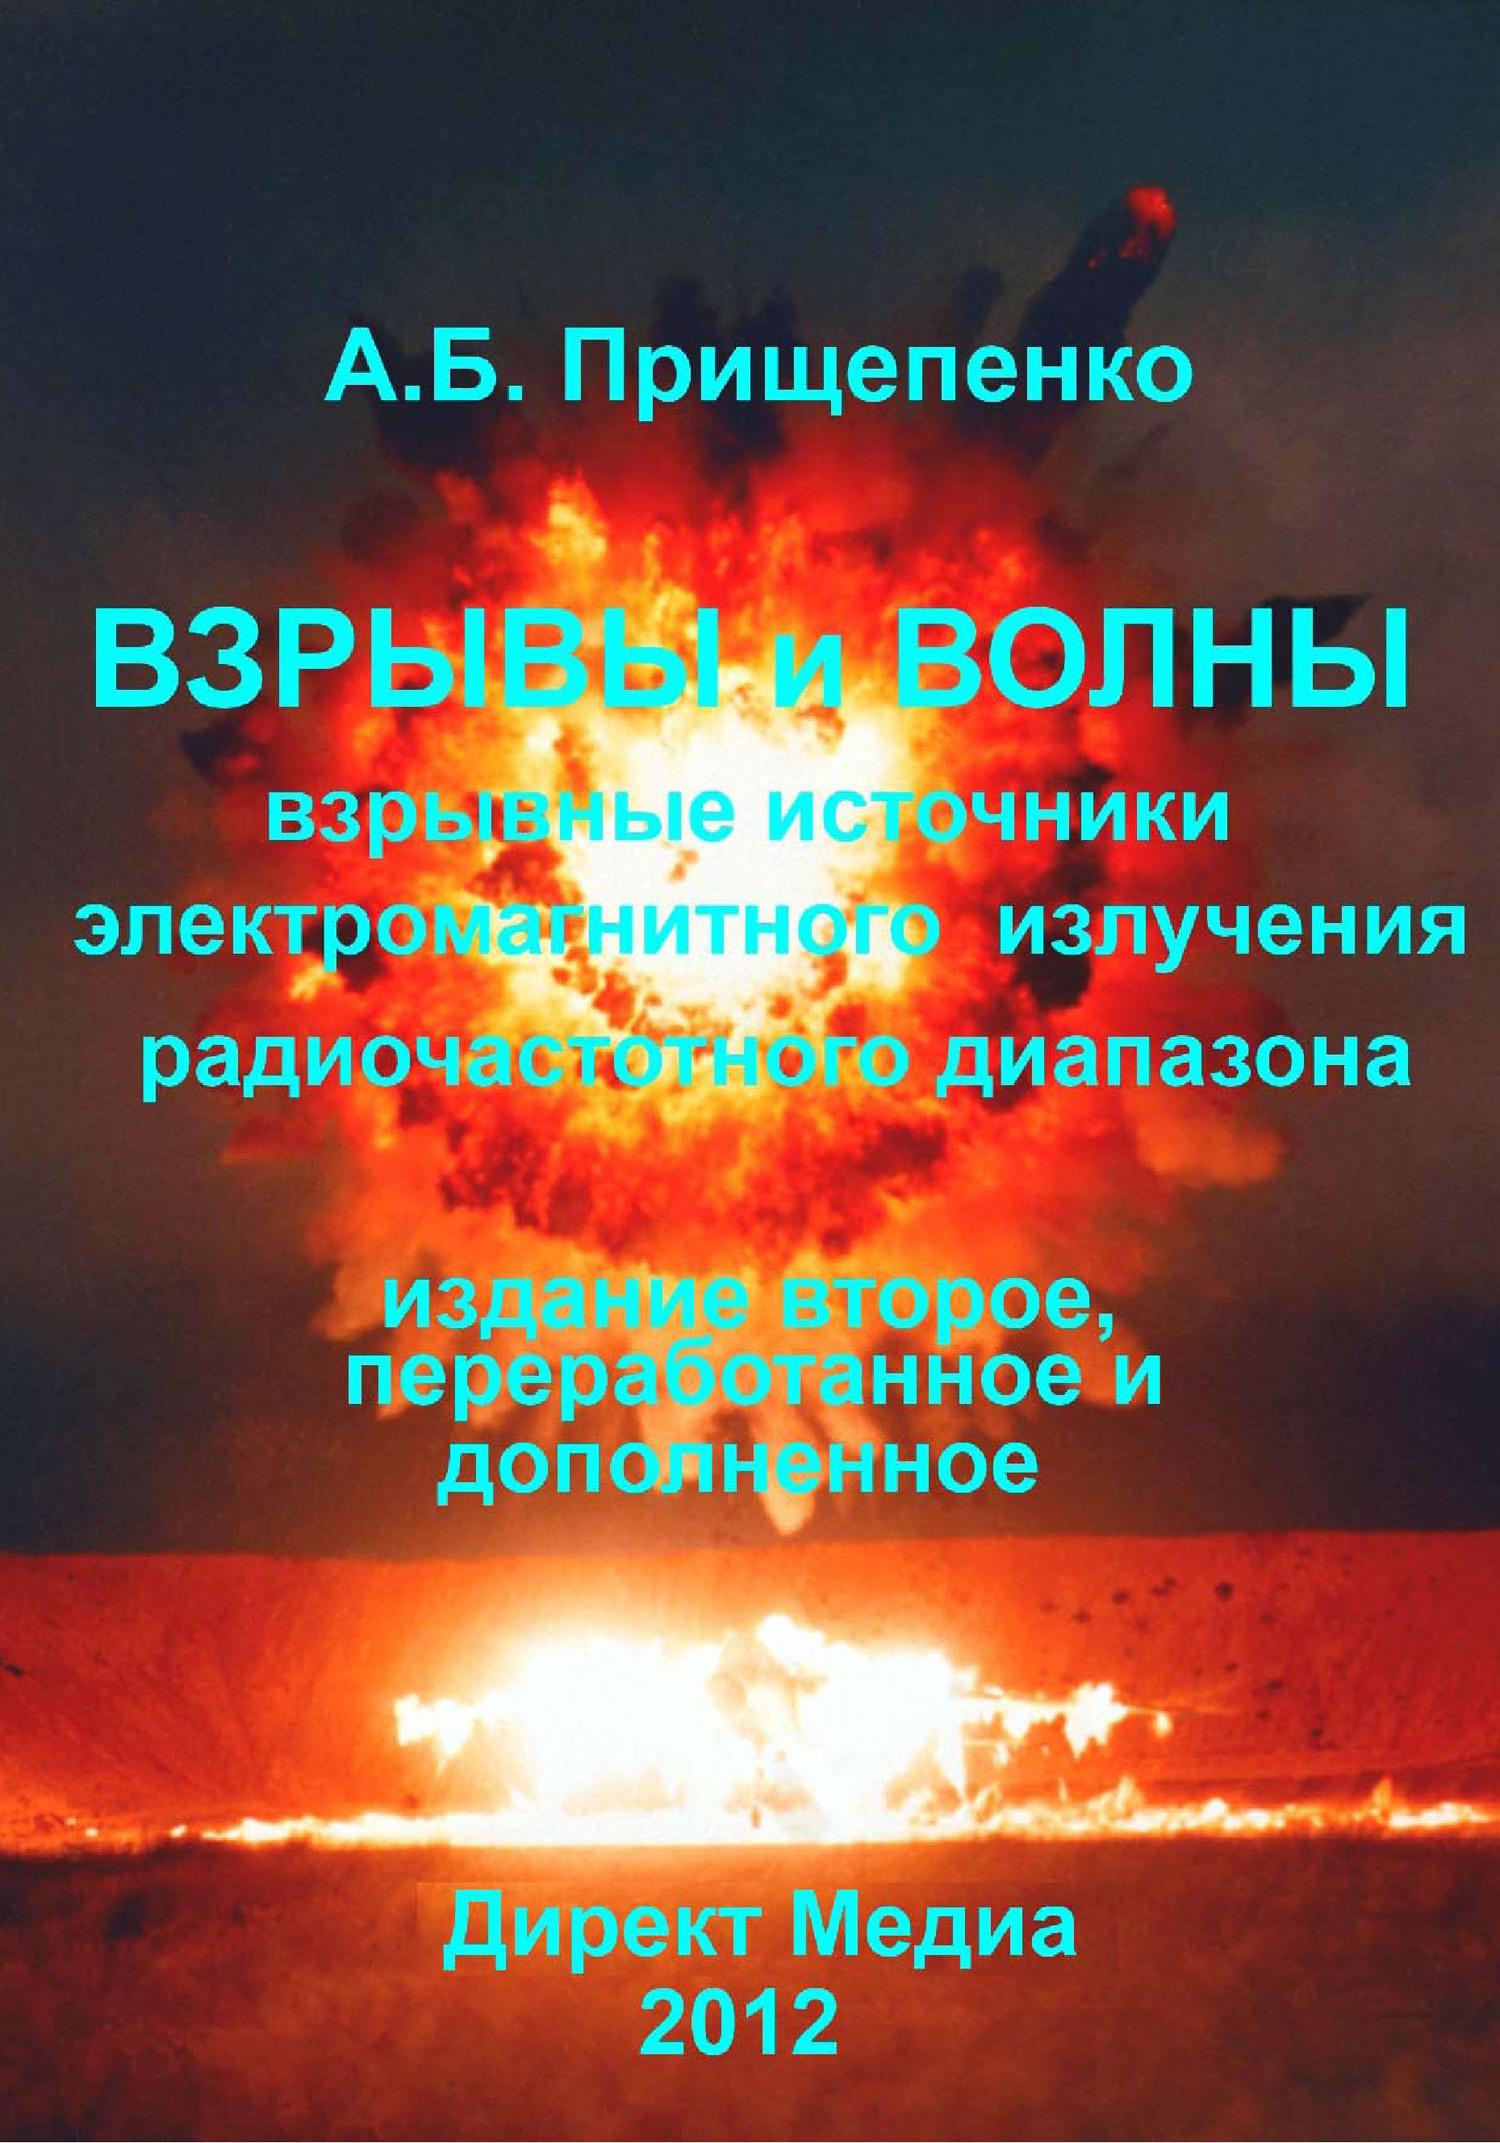 Александр Прищепенко Взрывы и волны. Взрывные источники электромагнитного излучения радиочастотного диапазона галина яковицкая метод электромагнитного излучения